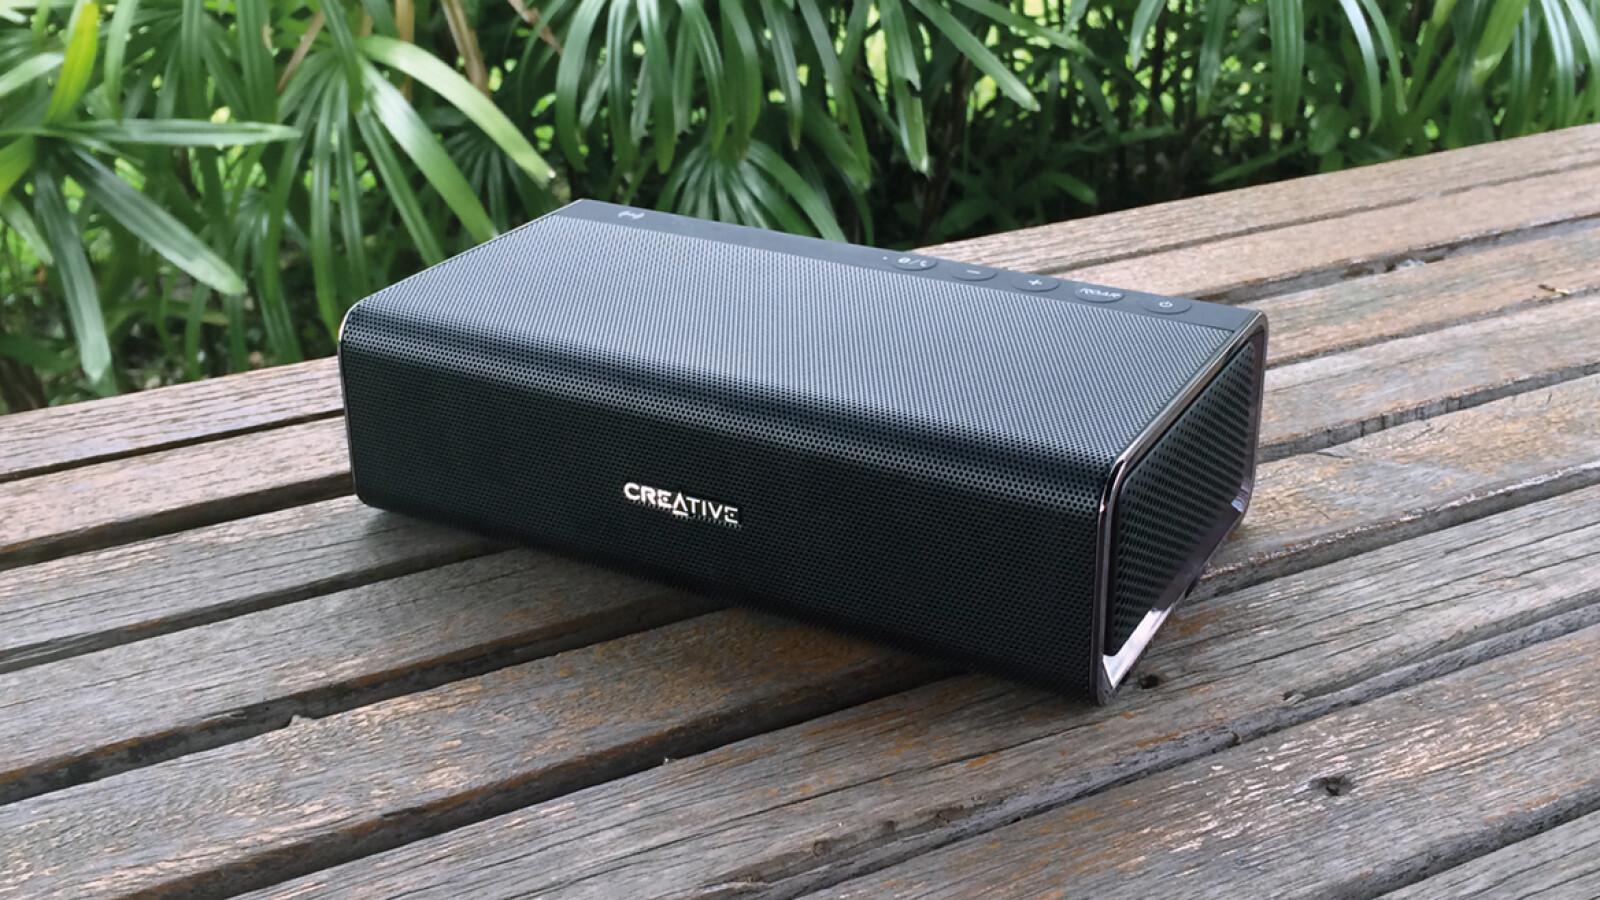 Bluetooth Lautsprecher Im Test 31 Boxen Von Gunstig Bis Flashig Im